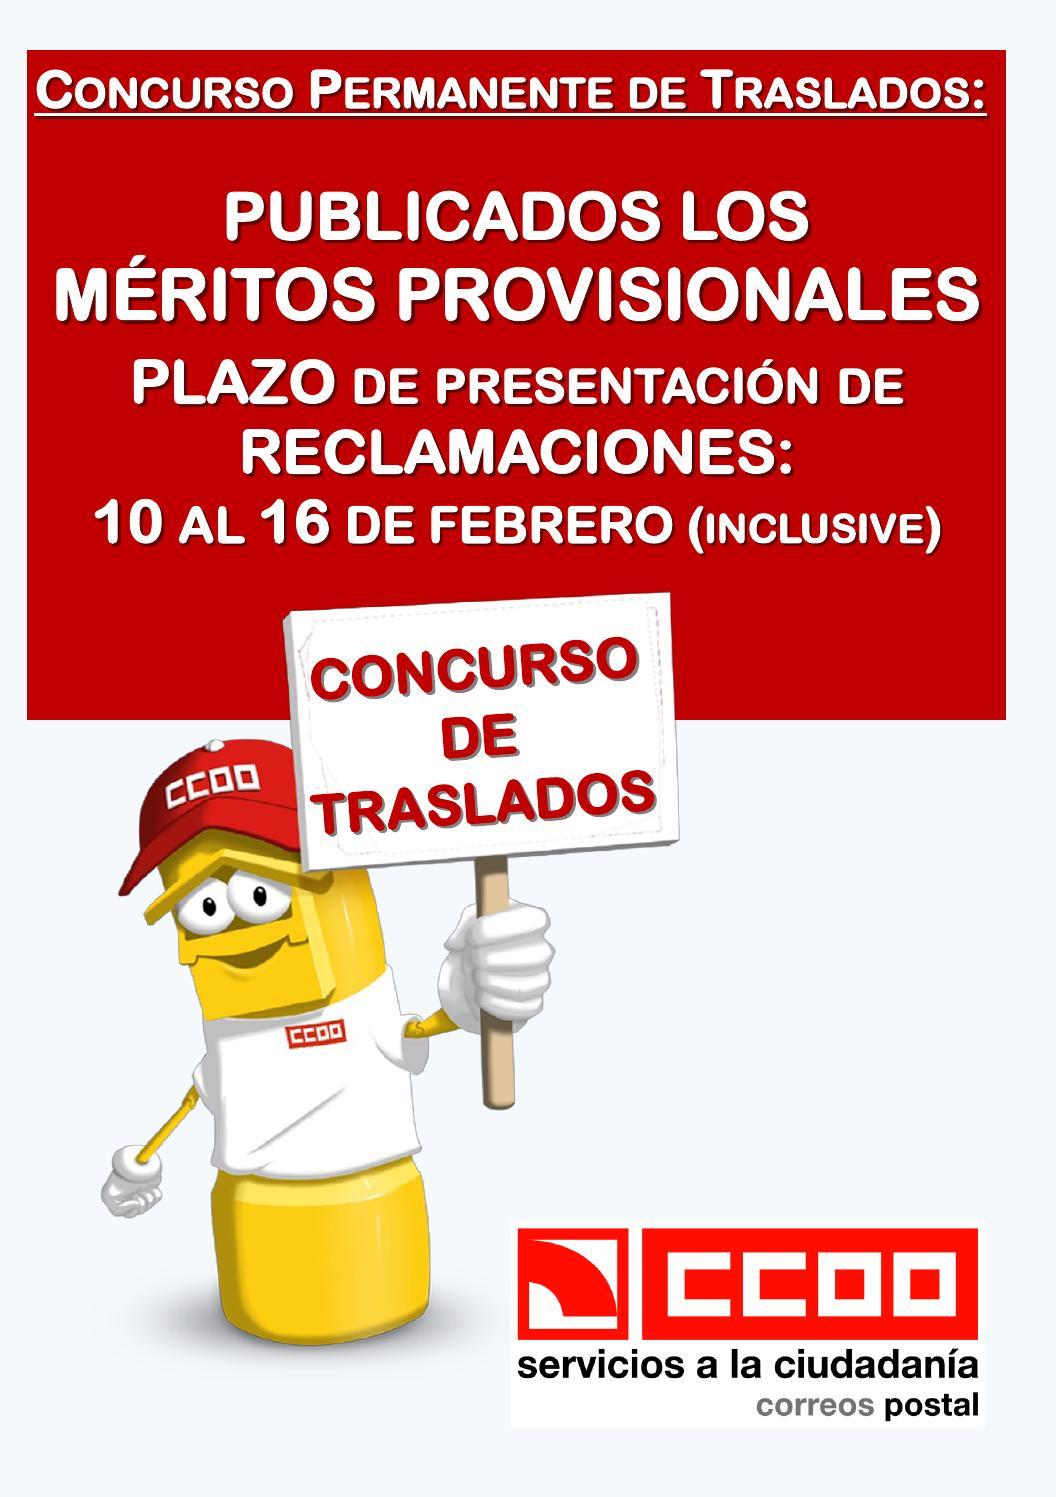 M ritos provisionales del concurso de traslados 2016 by for Ccoo concurso de traslados